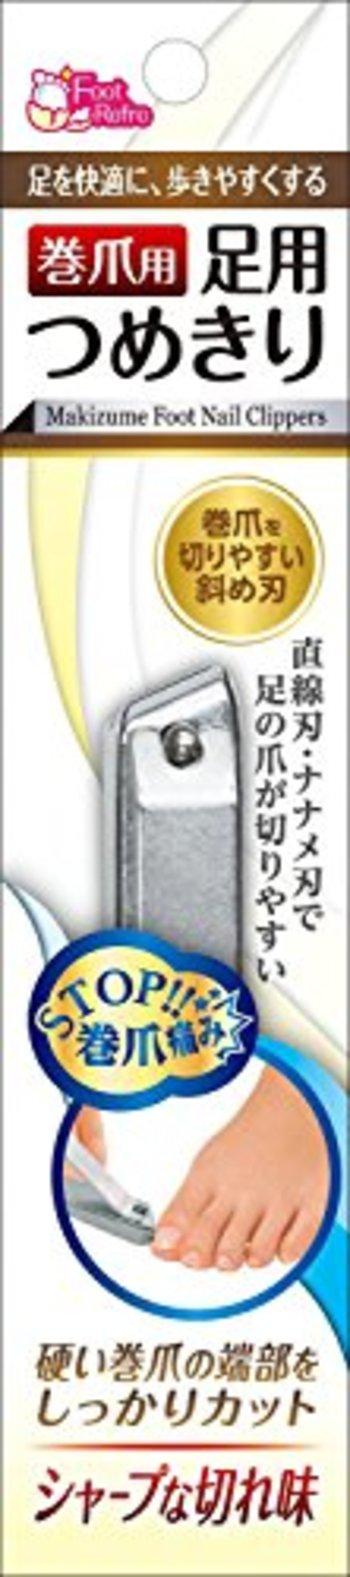 巻き爪用爪切りのおすすめ人気ランキング10選【切りにくくても安心!】のアイキャッチ画像5枚目